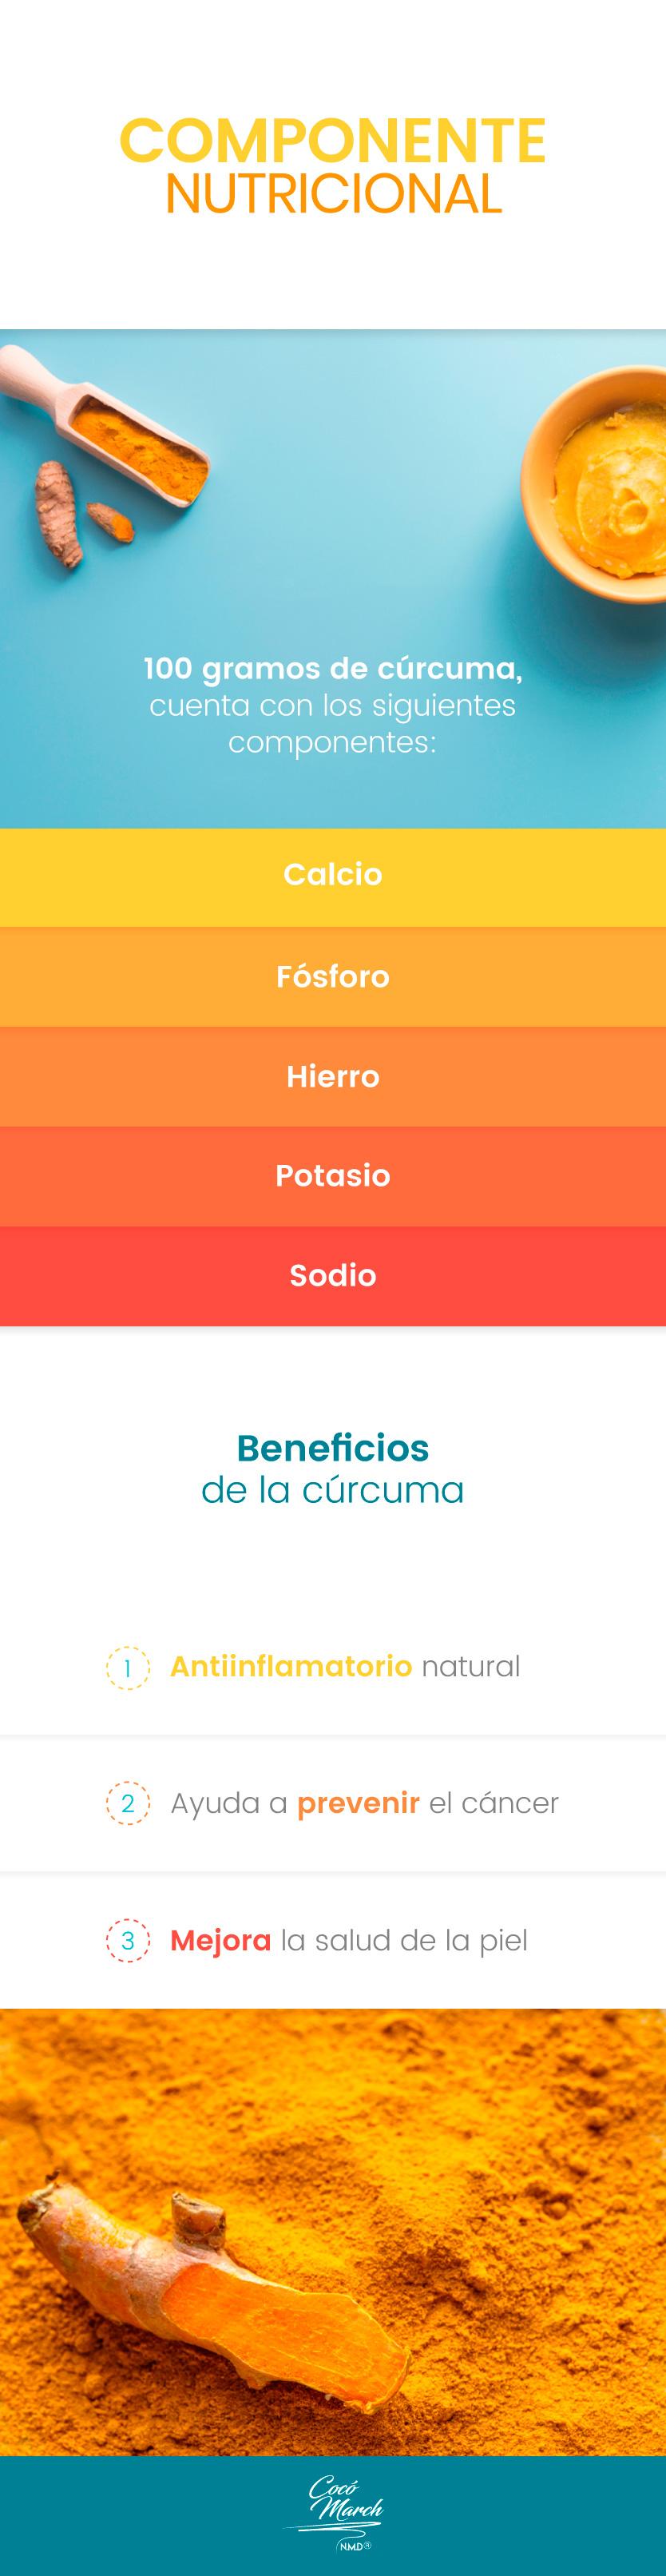 componentes-nutricionales-de-la-curcuma